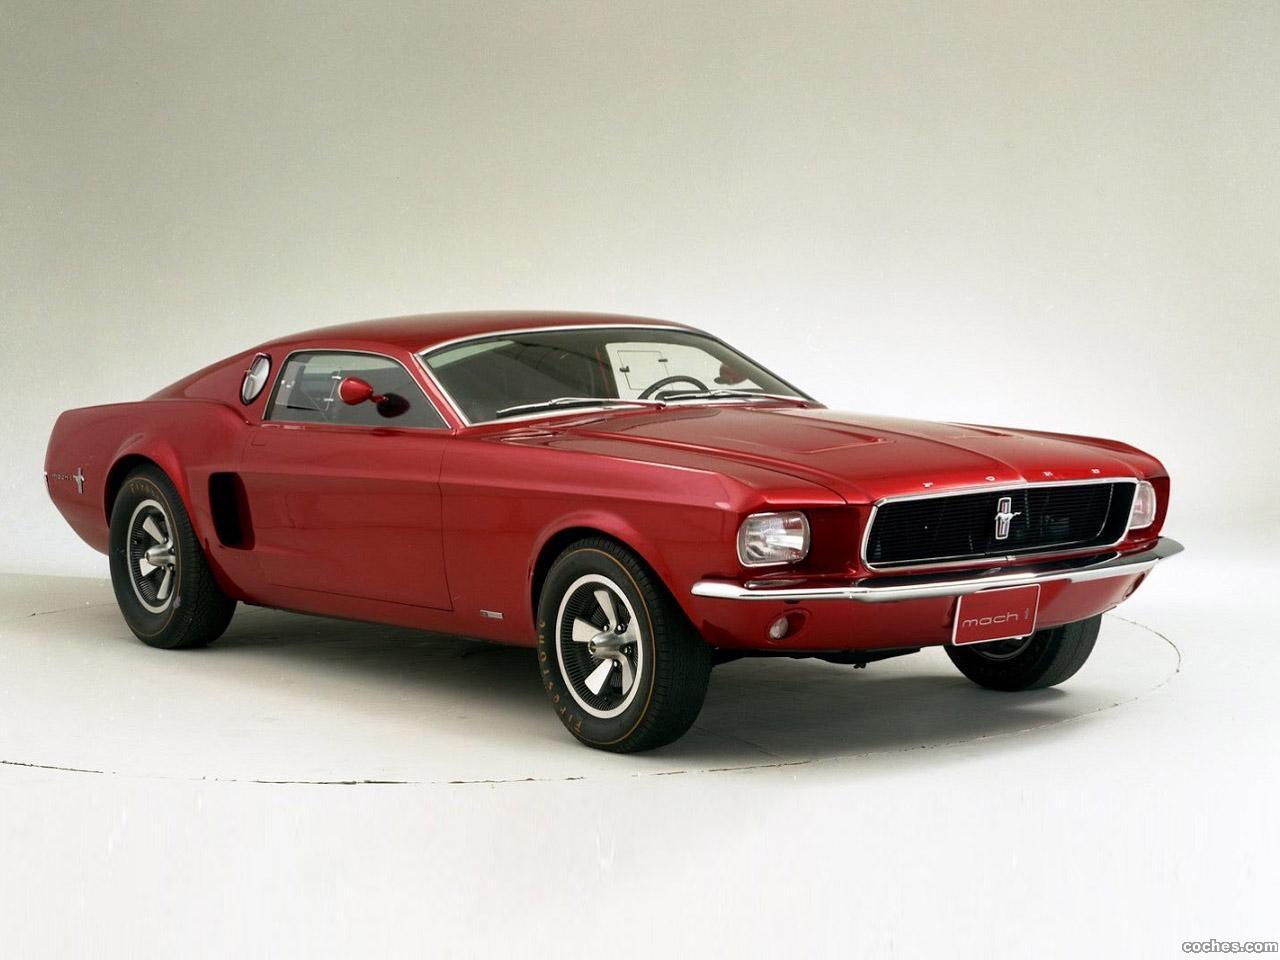 Foto 0 de Ford Mustang Mach 1 Prototype No2 1965